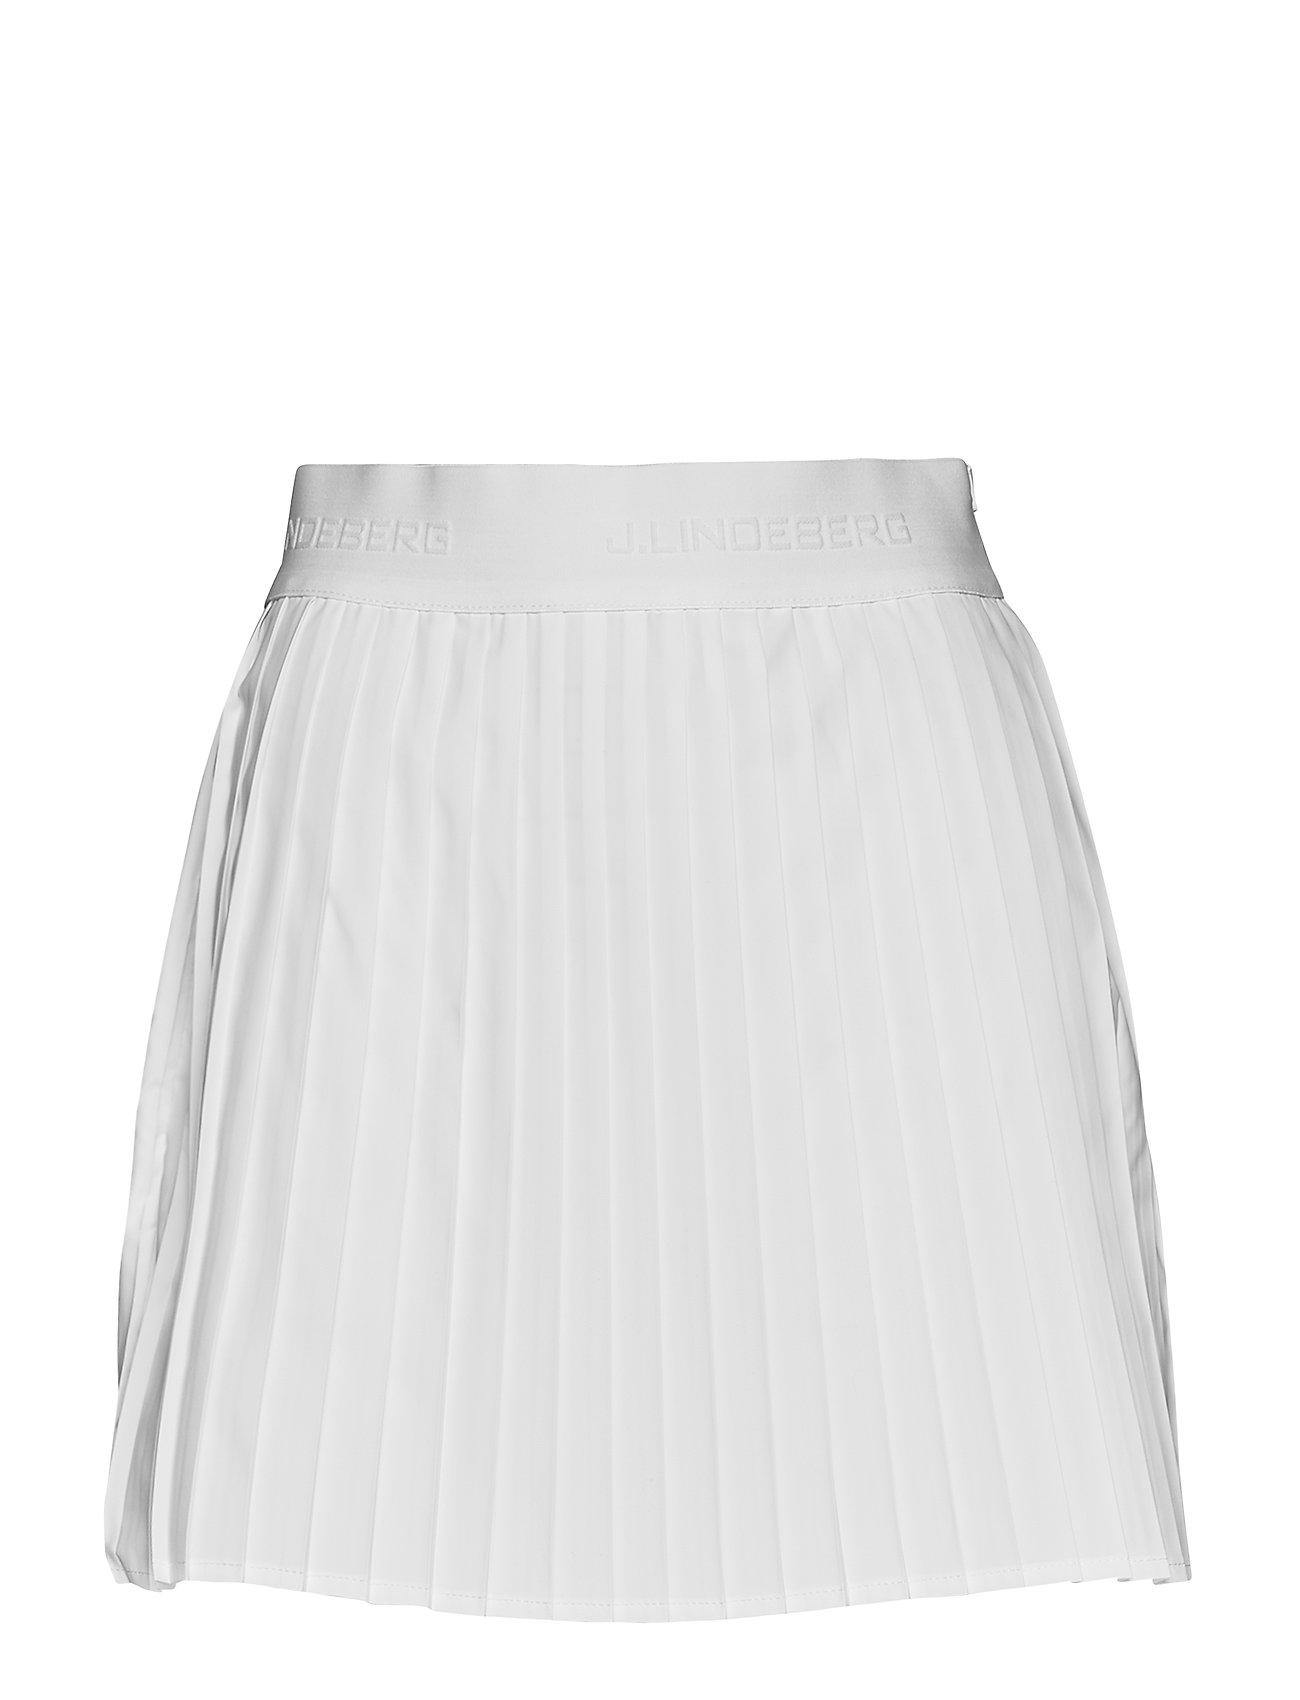 J. Lindeberg Golf W Chloe Skirt Light Poly - WHITE